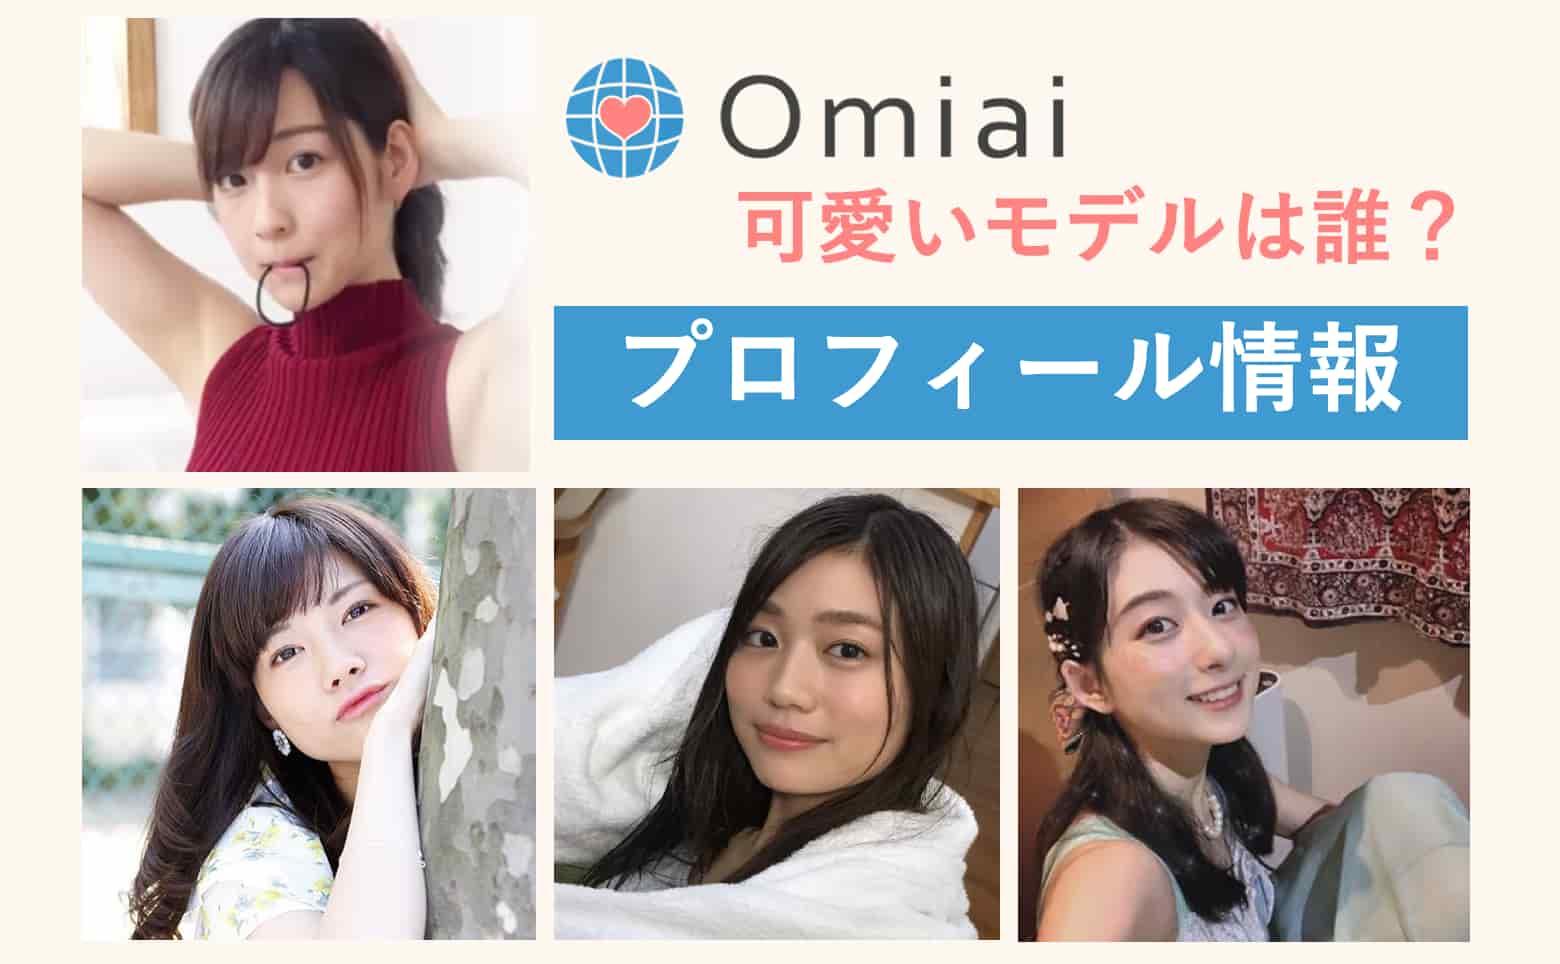 Omiaiモデルプロフィールアイキャッチ